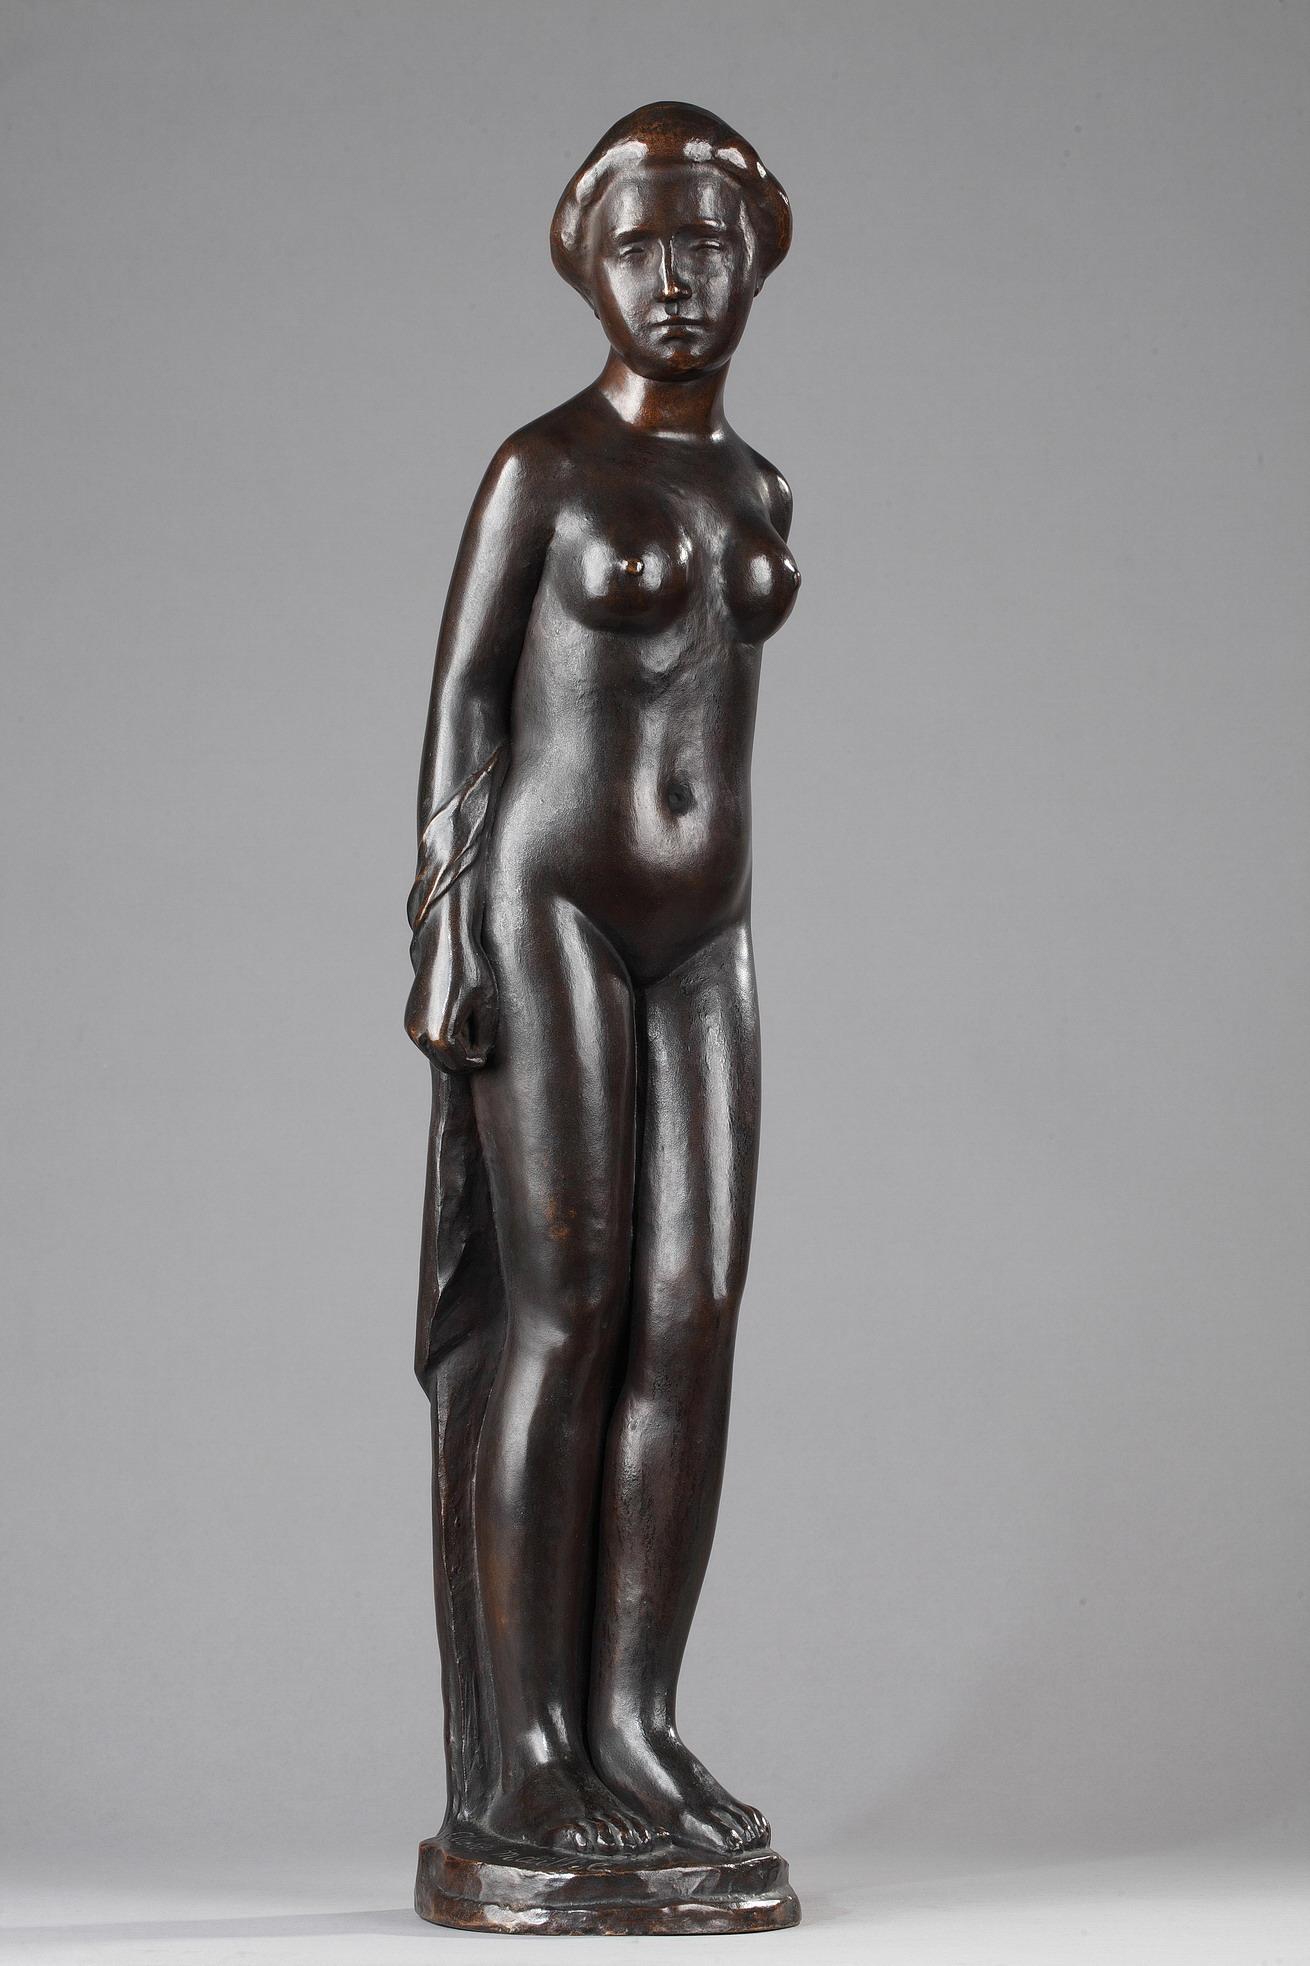 """Aristide Maillol (1861-1944), """"Femme au Chignon"""" dite aussi """"Baigneuse Debout"""", bronze à patine brune richement nuancée, édité par Ambroise Vollard, haut. 63 cm, sculptures - galerie Tourbillon, Paris"""